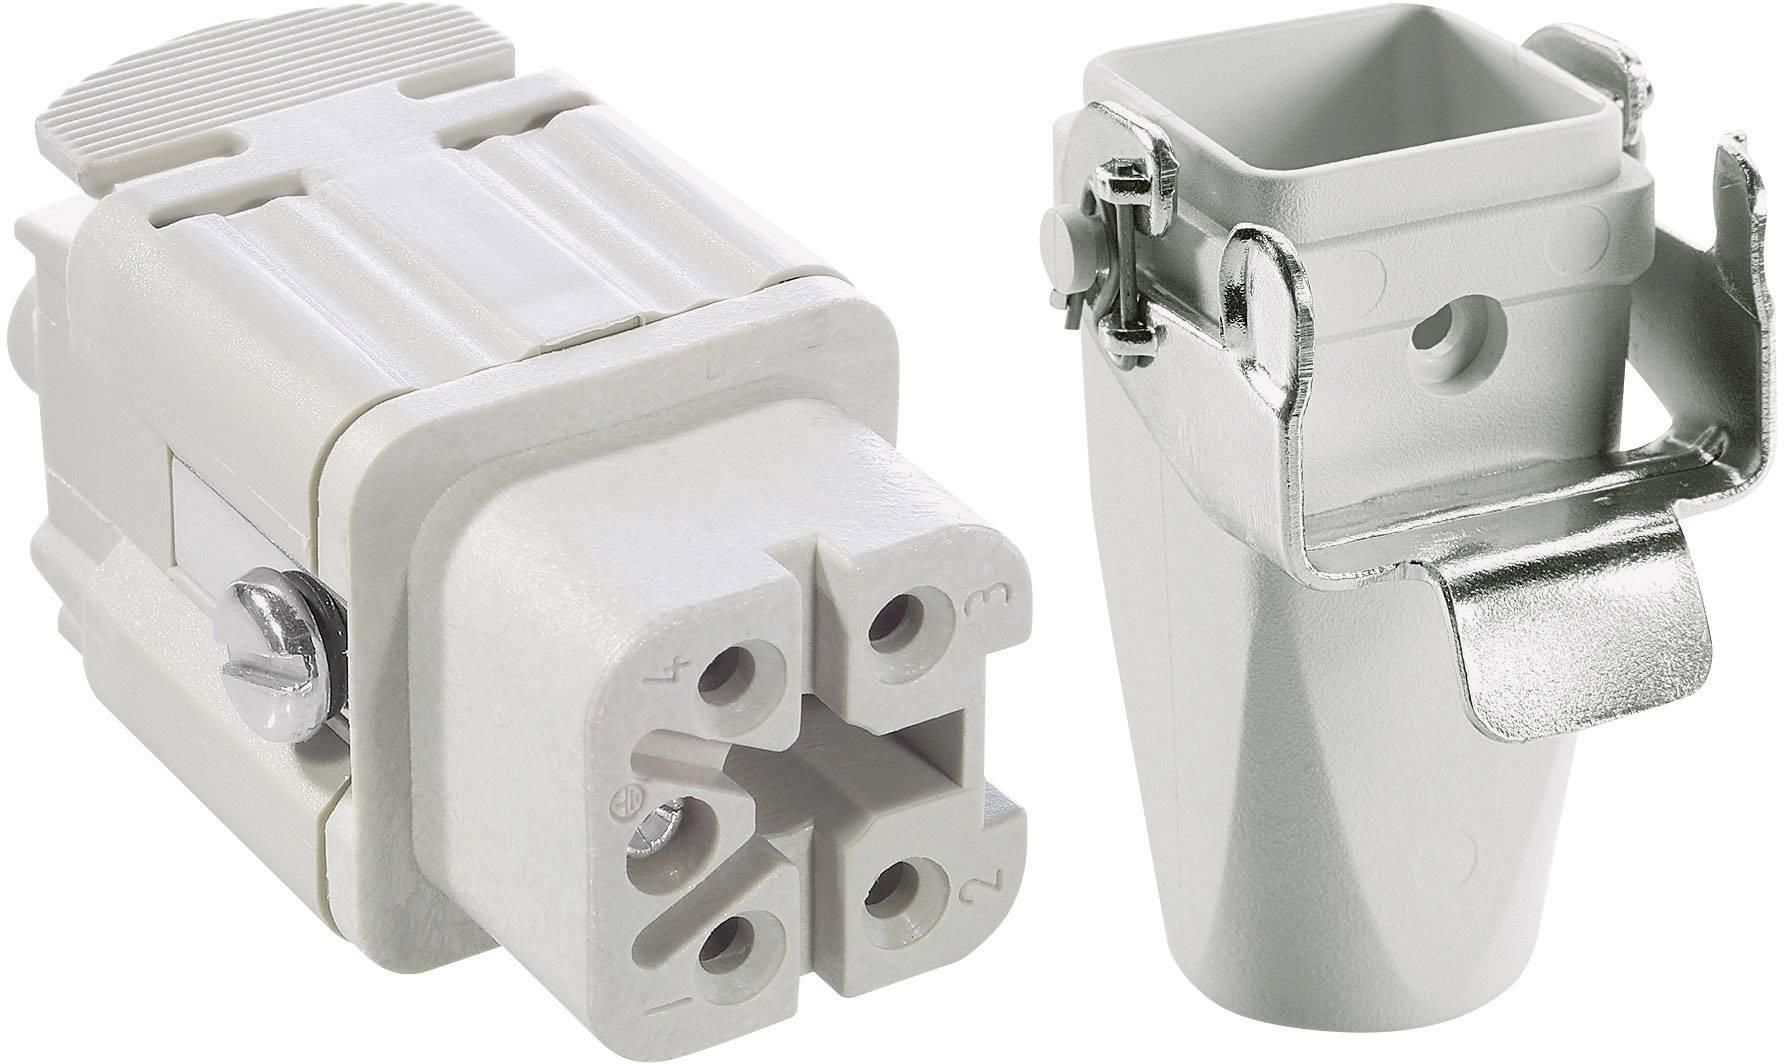 Sada konektorů EPIC®KIT H-A 4 75009623 LappKabel 4 + PE šroubovací 1 sada